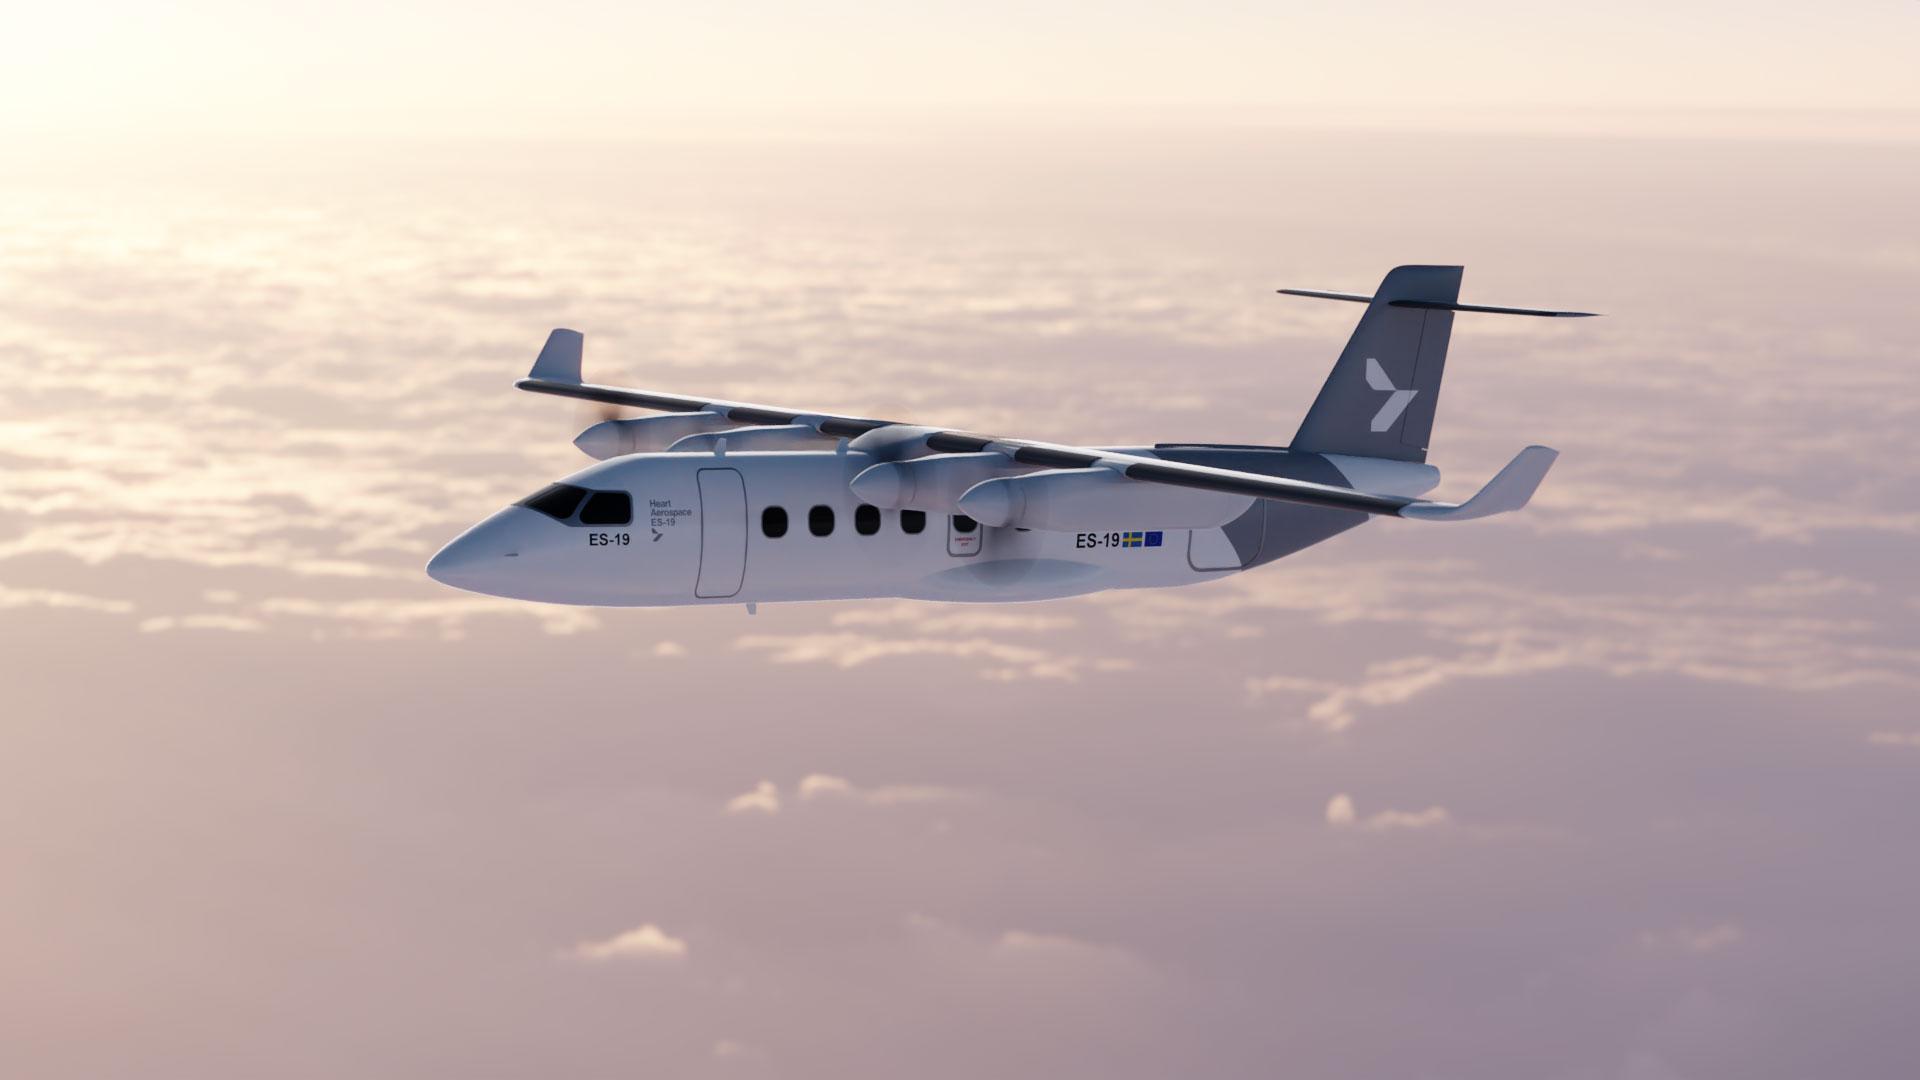 Det elektriske fly ES-19, der kan blive certificeret allerede i 2026, fra det svenske selskab Heart Aerospace. Illustration: Heart Aerospace